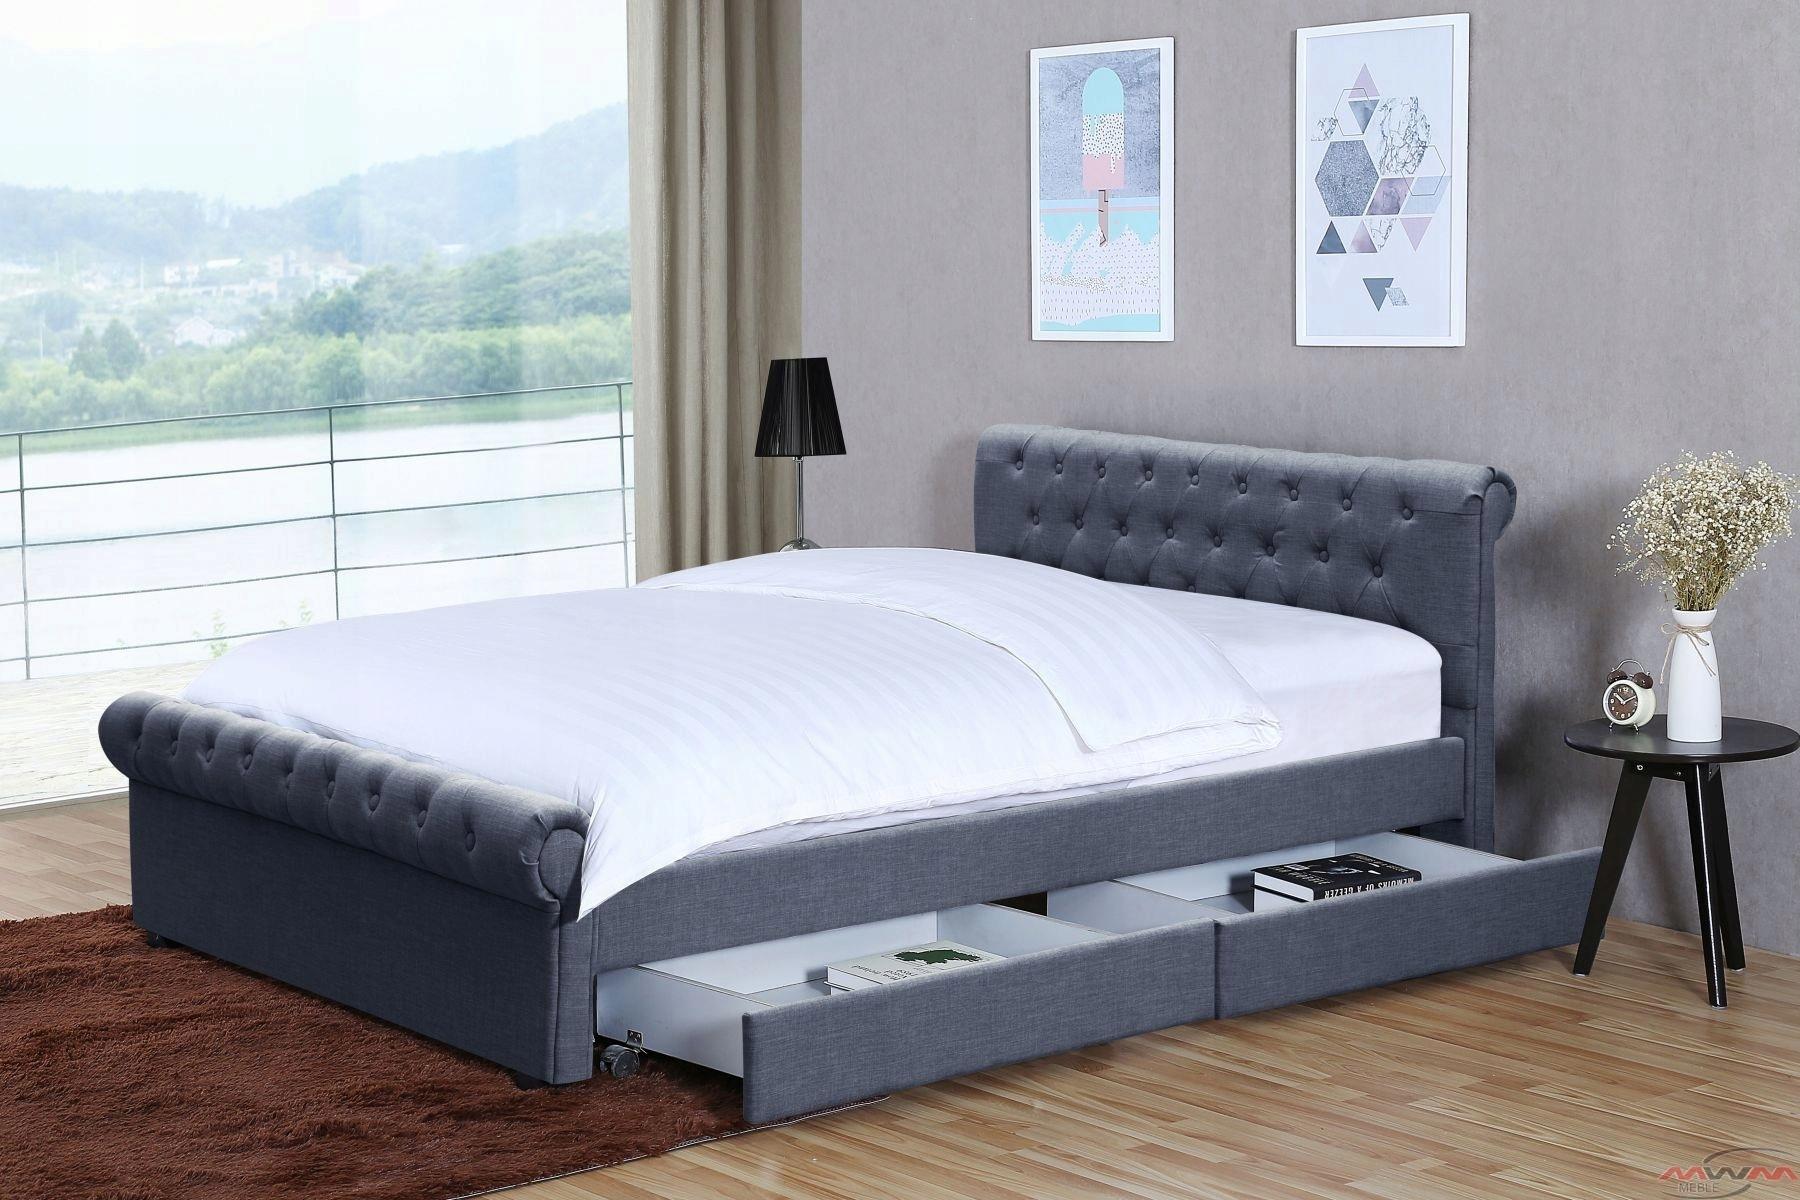 łóżko Tapicerowane 1807d 140x200 Z Materacem 7563110487